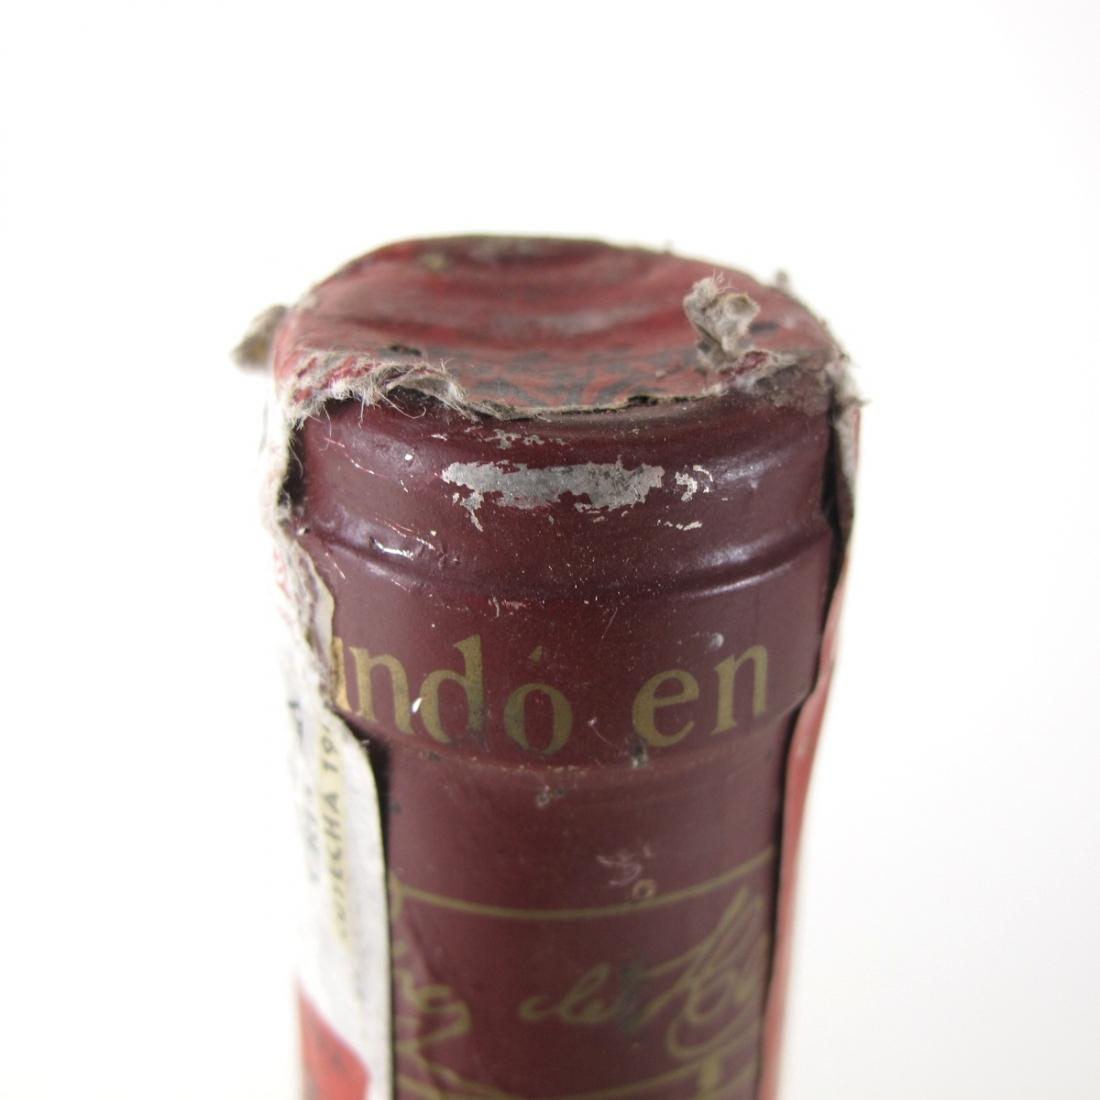 Viña Gravonia 1993 Rioja Blanco